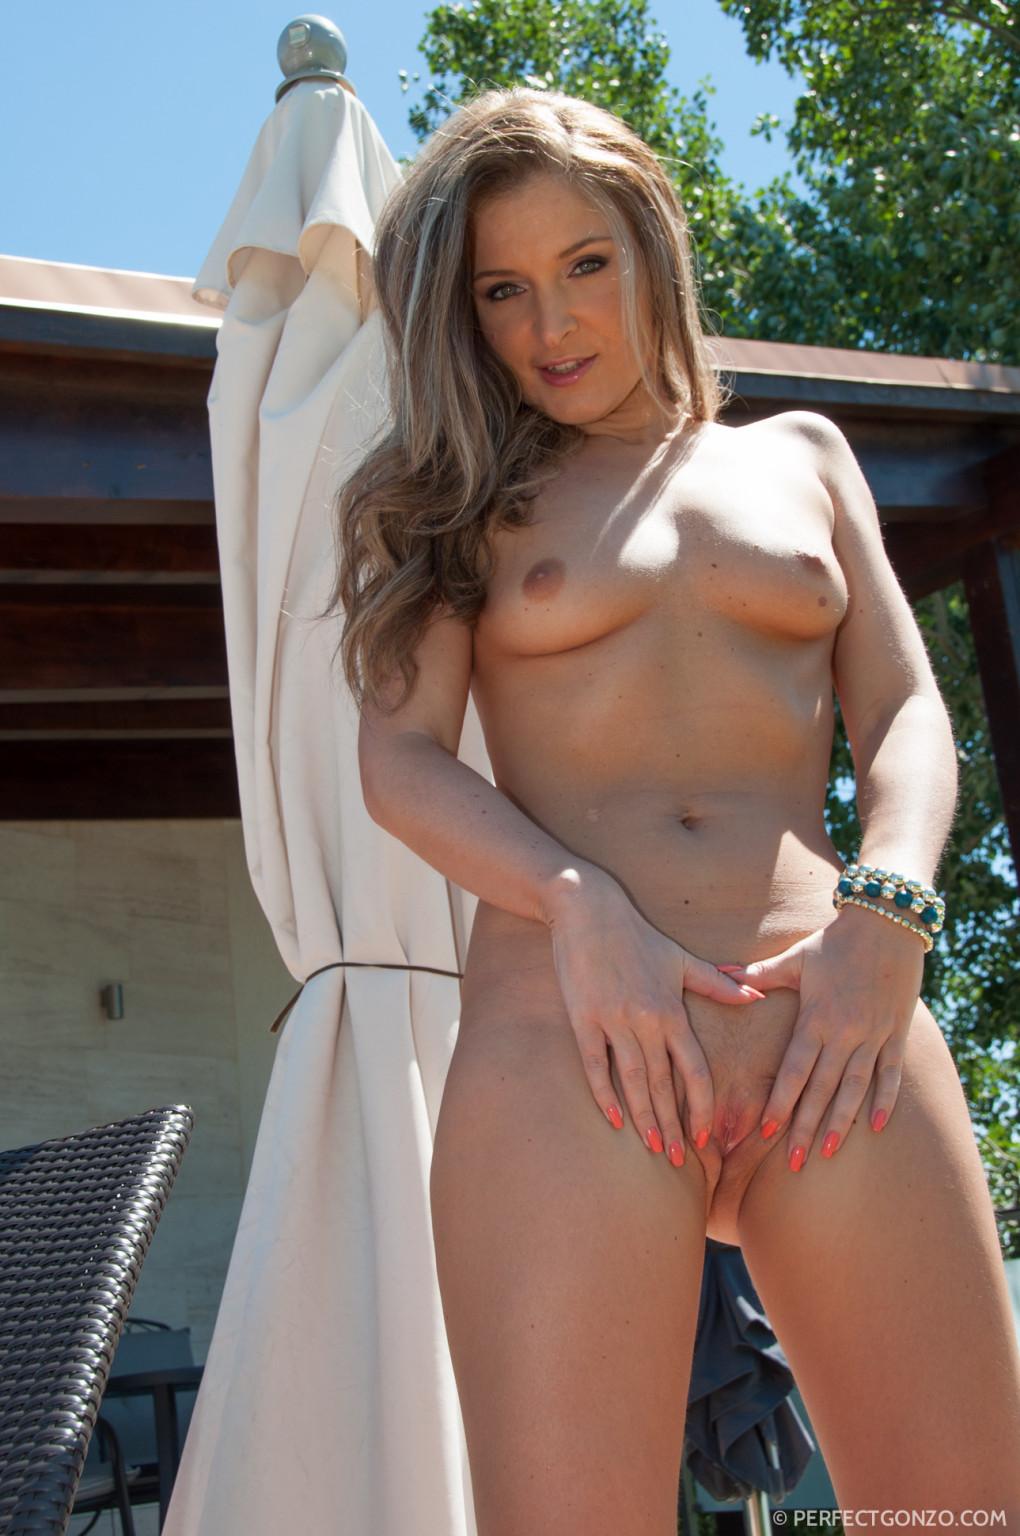 Красоточка с ангельской внешностью демонстрирует свое тело и затем насаживается на мужской пенис